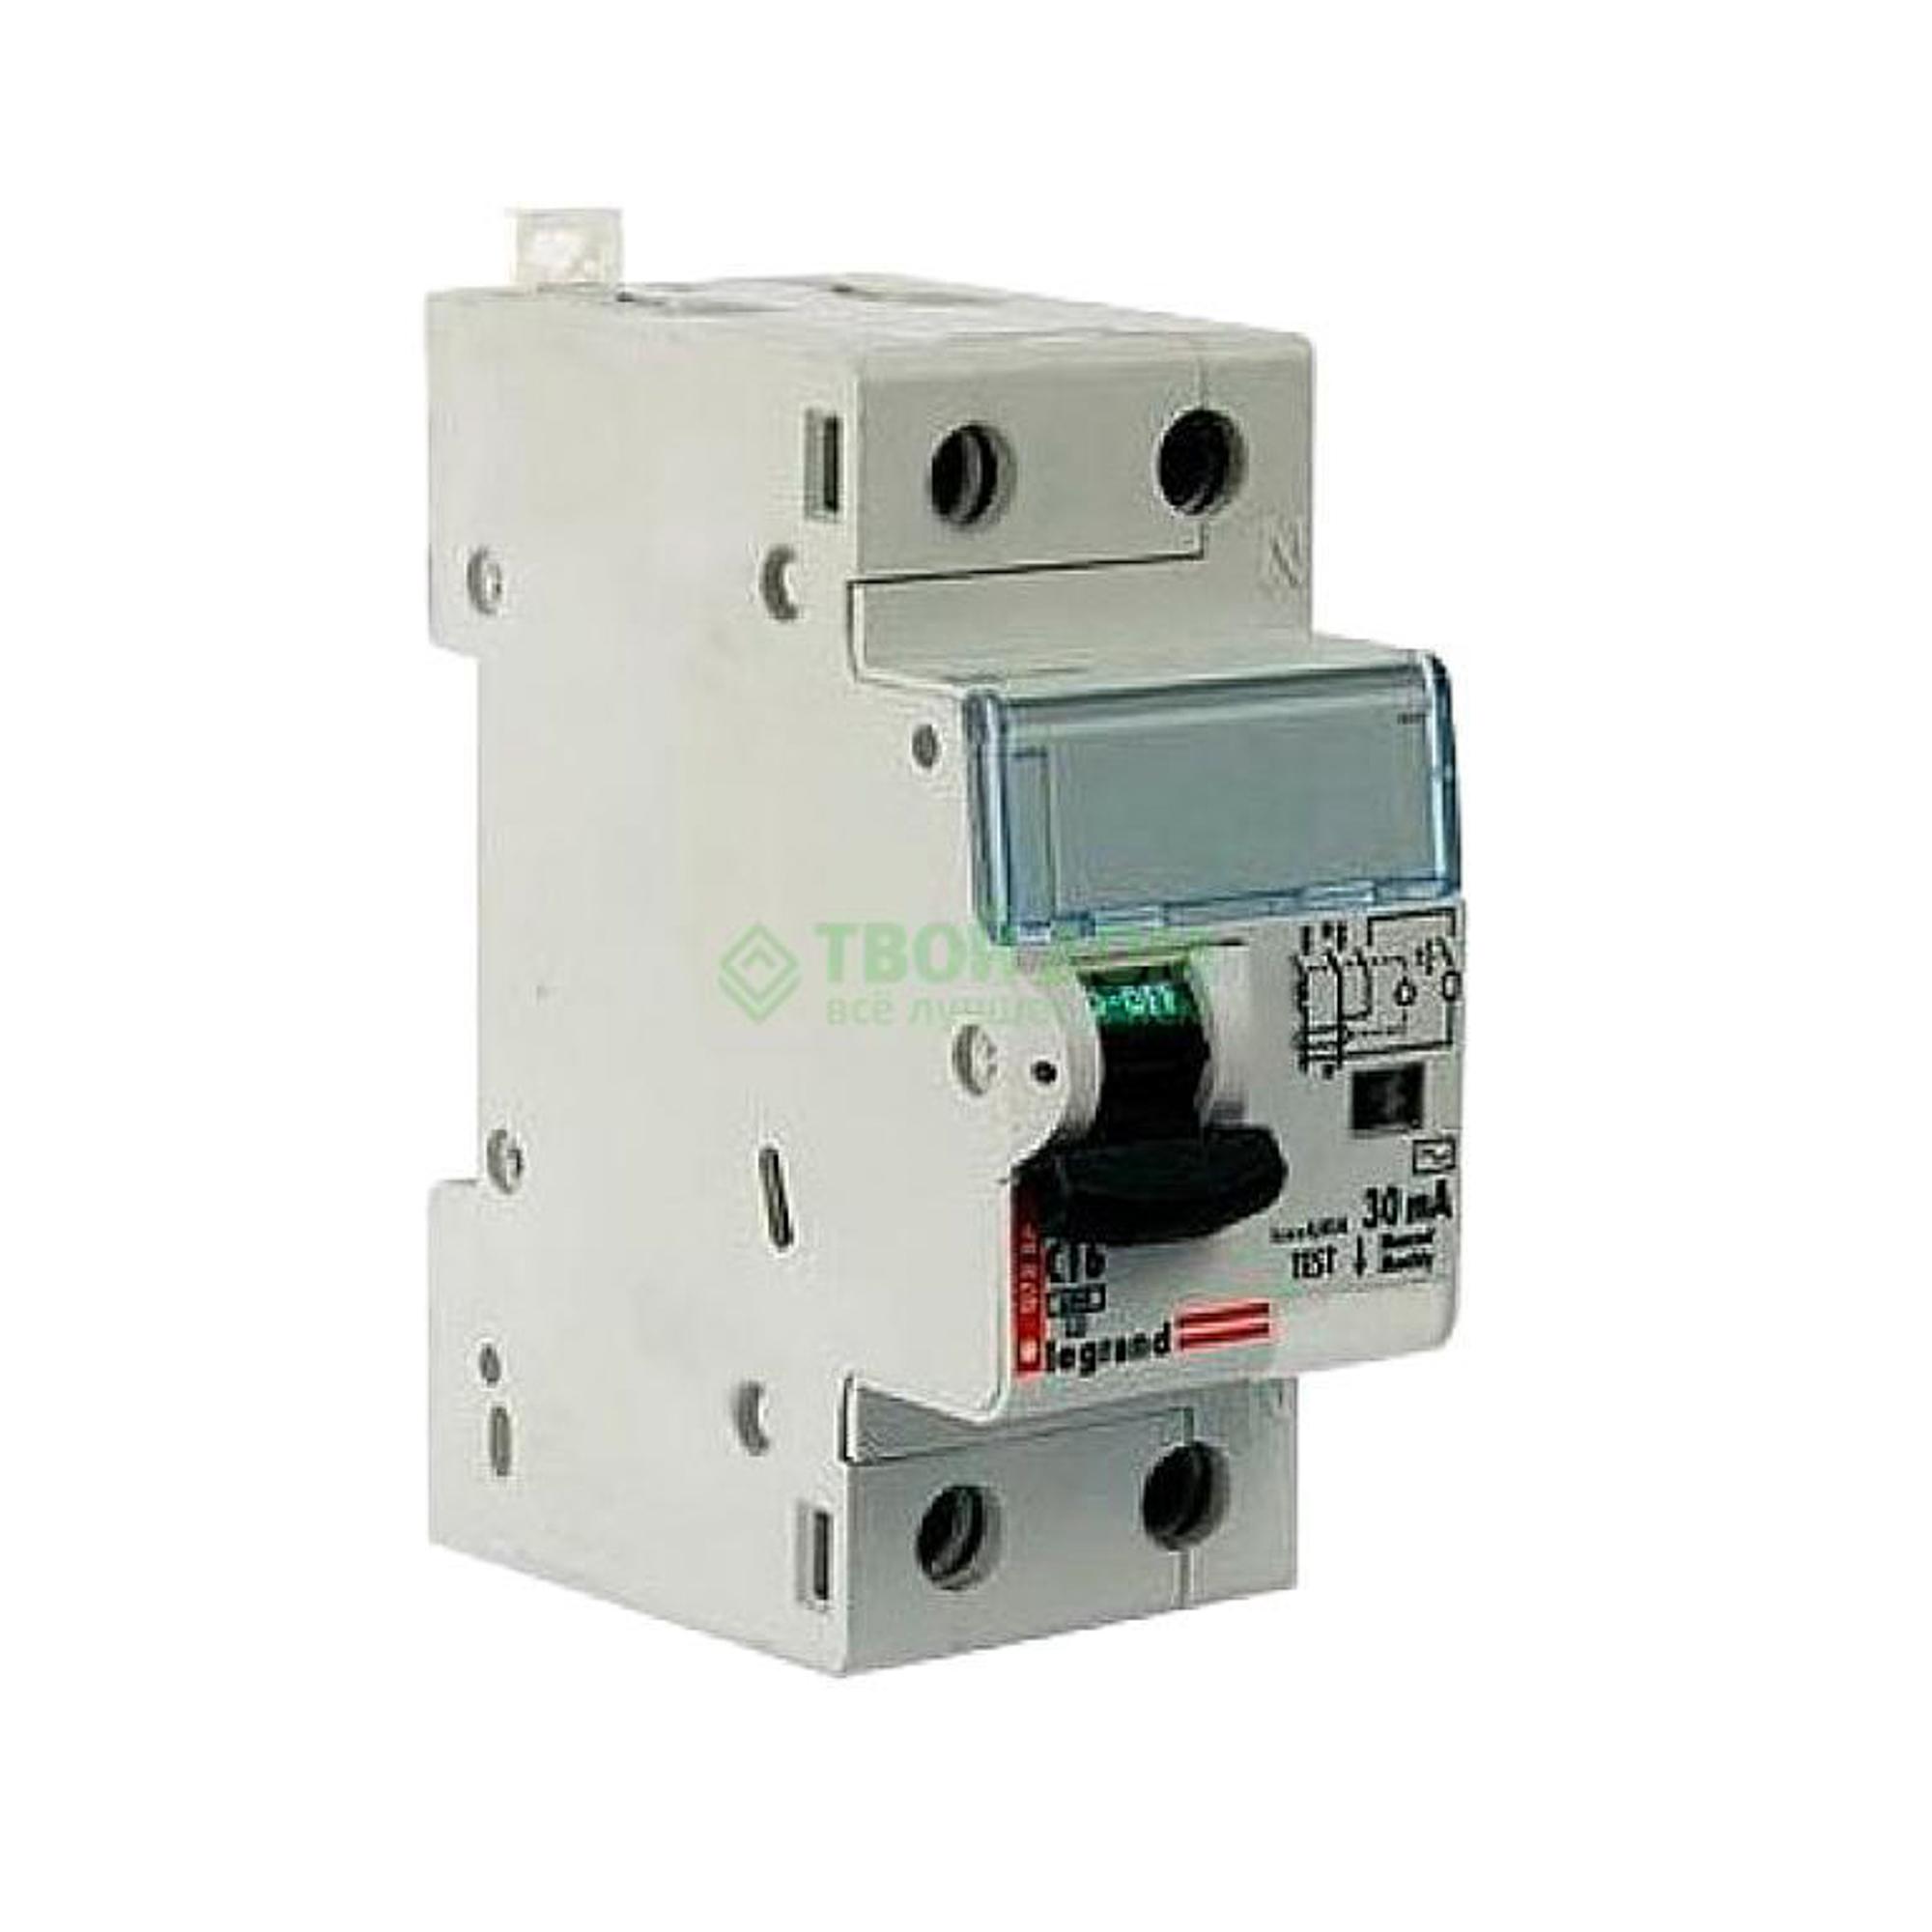 Купить Legrand Выключатель автоматический авдт dx3 1п+н 411005, автоматический выключатель, Франция